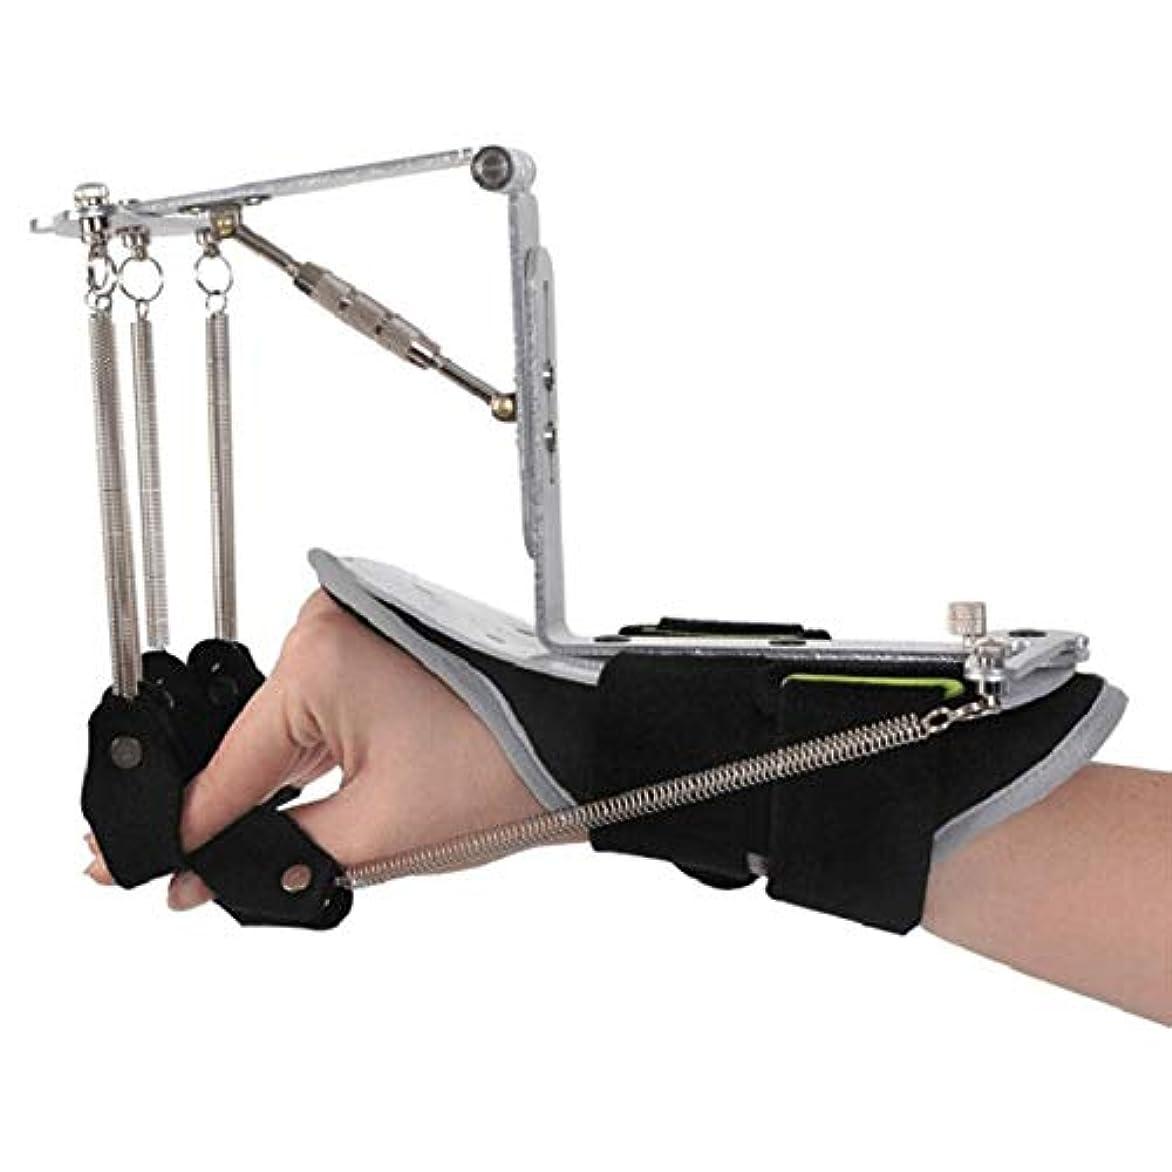 コードレス誘導ためらう脳卒中片麻痺患者のあこがれ演習の修復のためにスプリント指指セパレーターアジャスタブルフィンガー手首インソールエクセリハビリデバイスを指